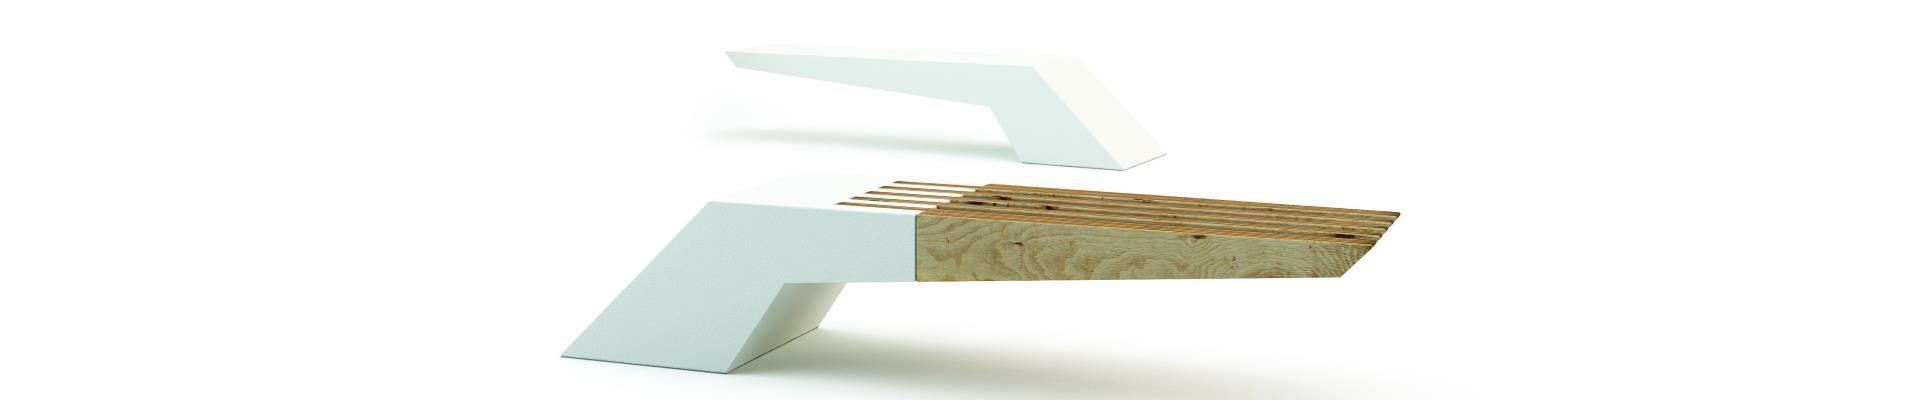 Banco de hormigón y madera diseño actual.